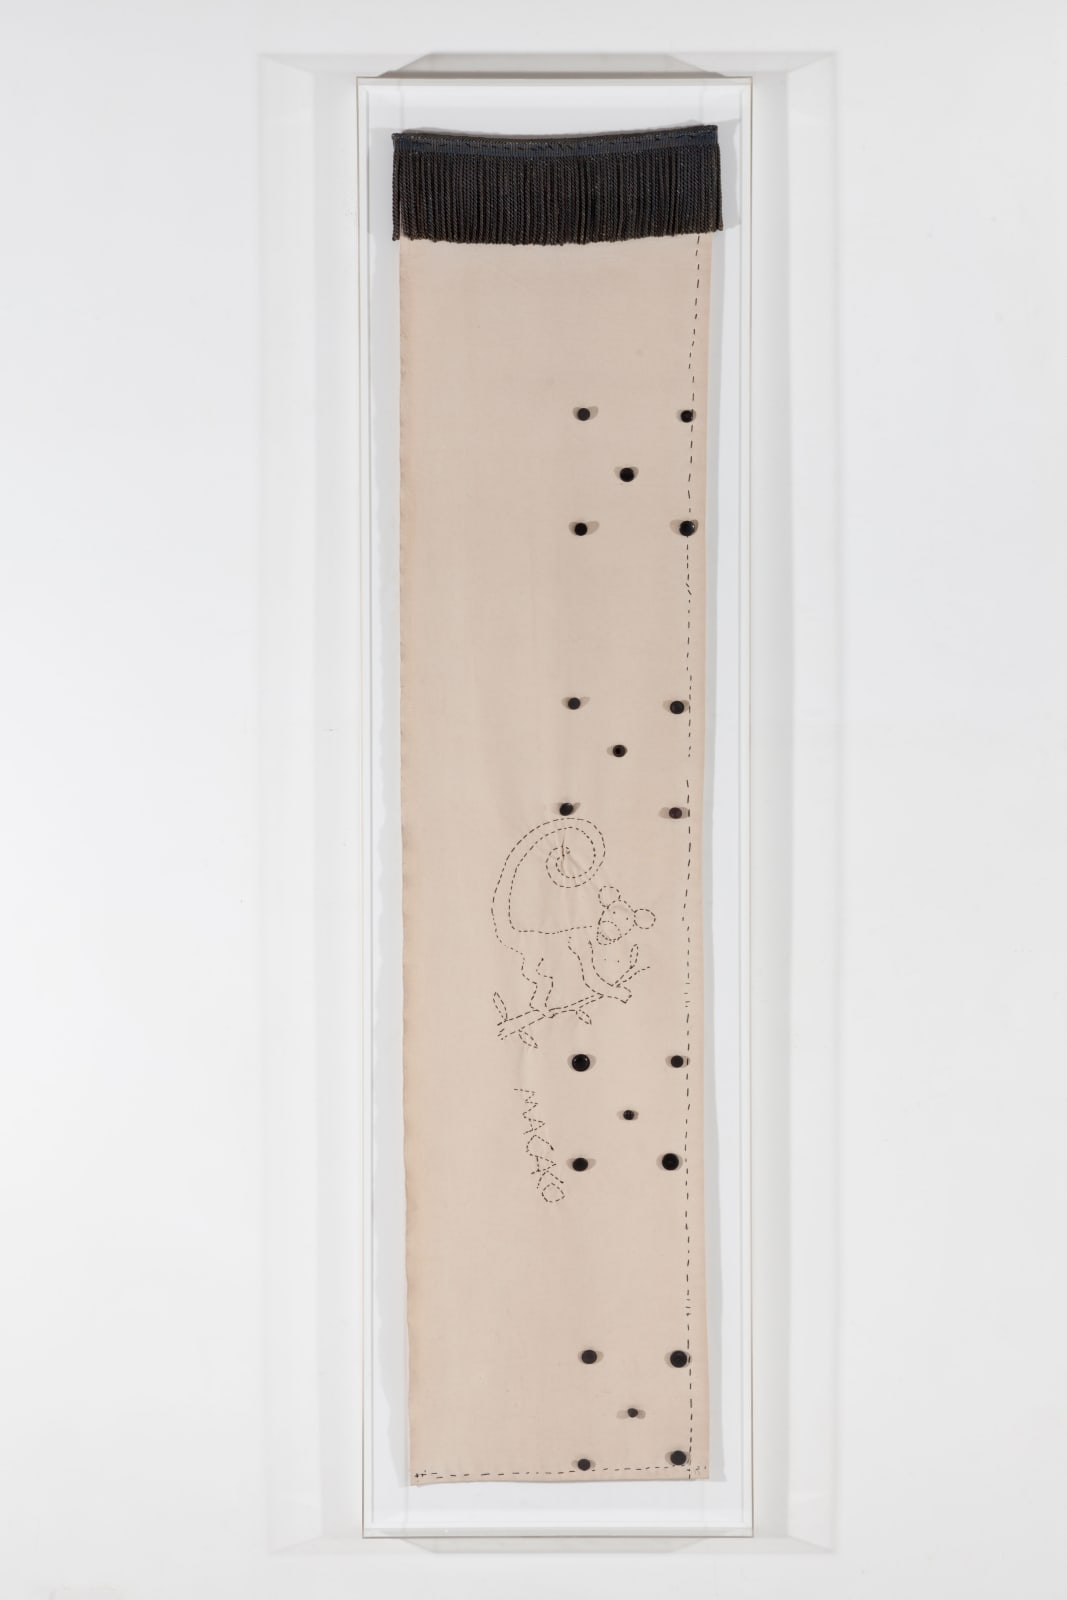 Leonilson Macaco, 1989 Bordado, botões, franja de viscose e linhas sobre lona 206 x 89 x 21 cm